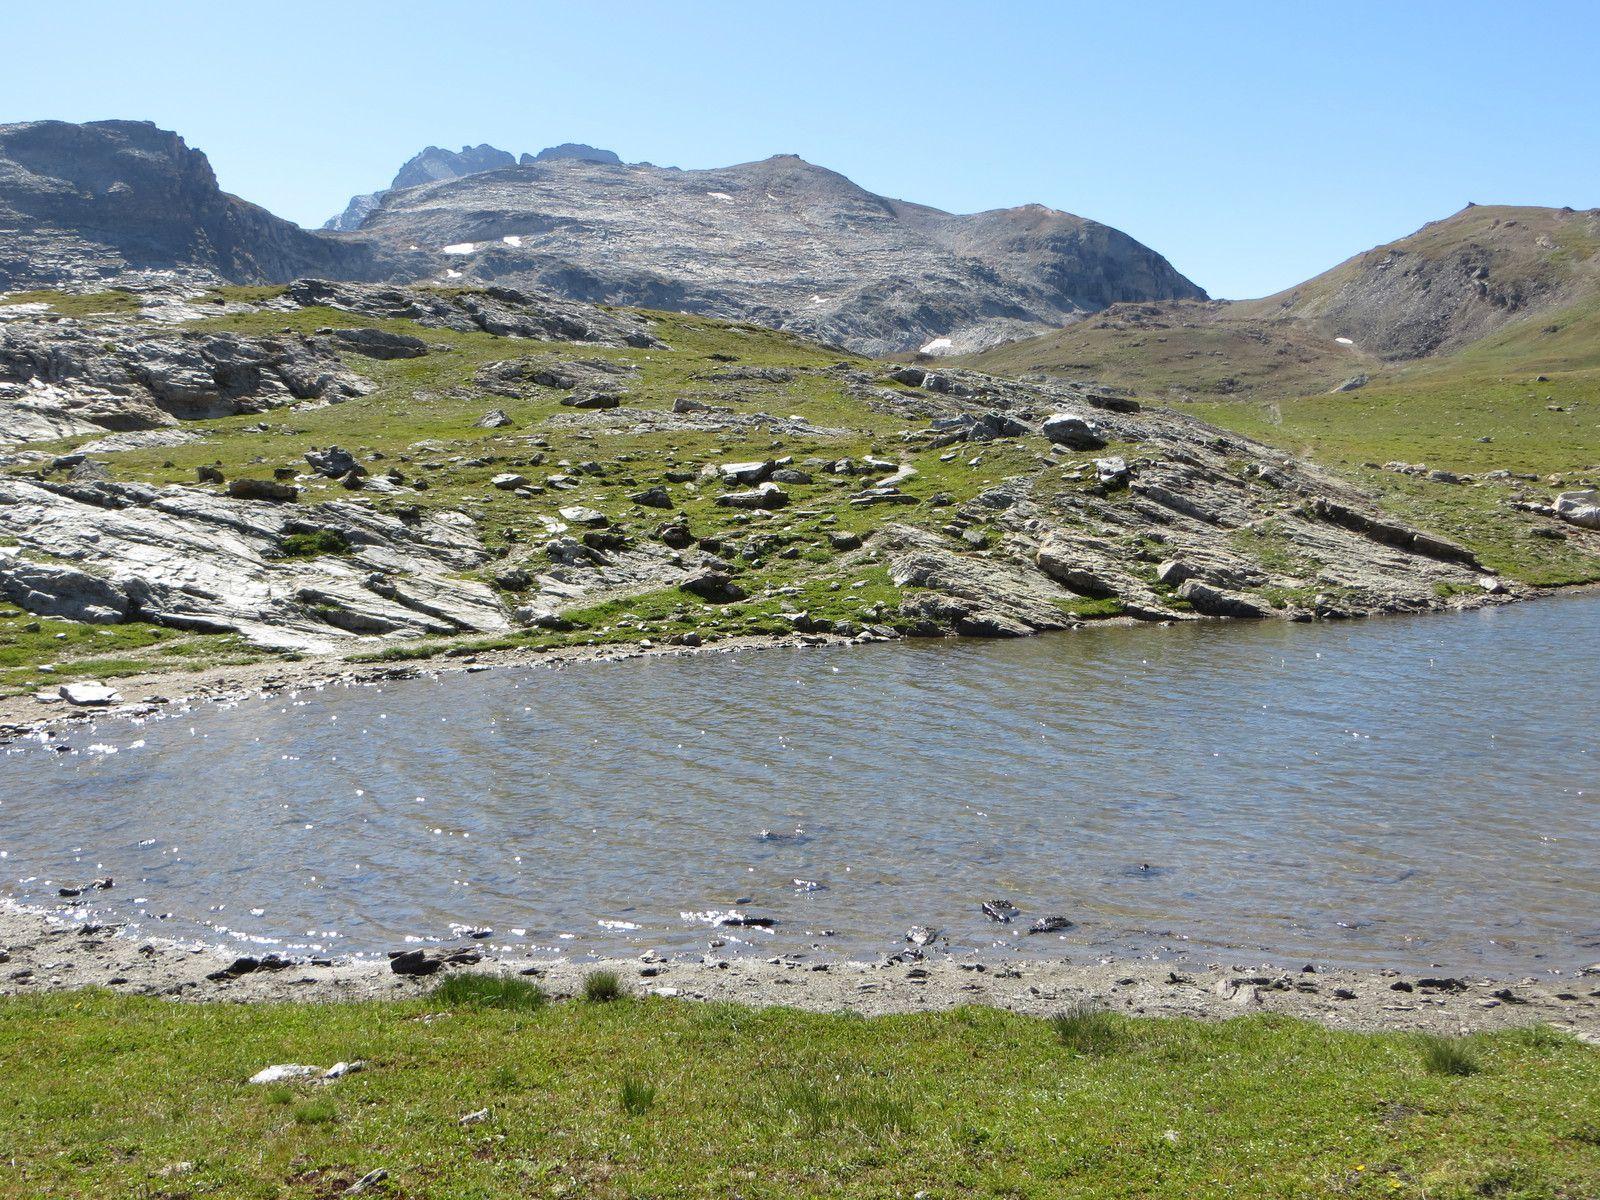 Le petit lac (sans nom) du plateau - au fond le Gros Peyron